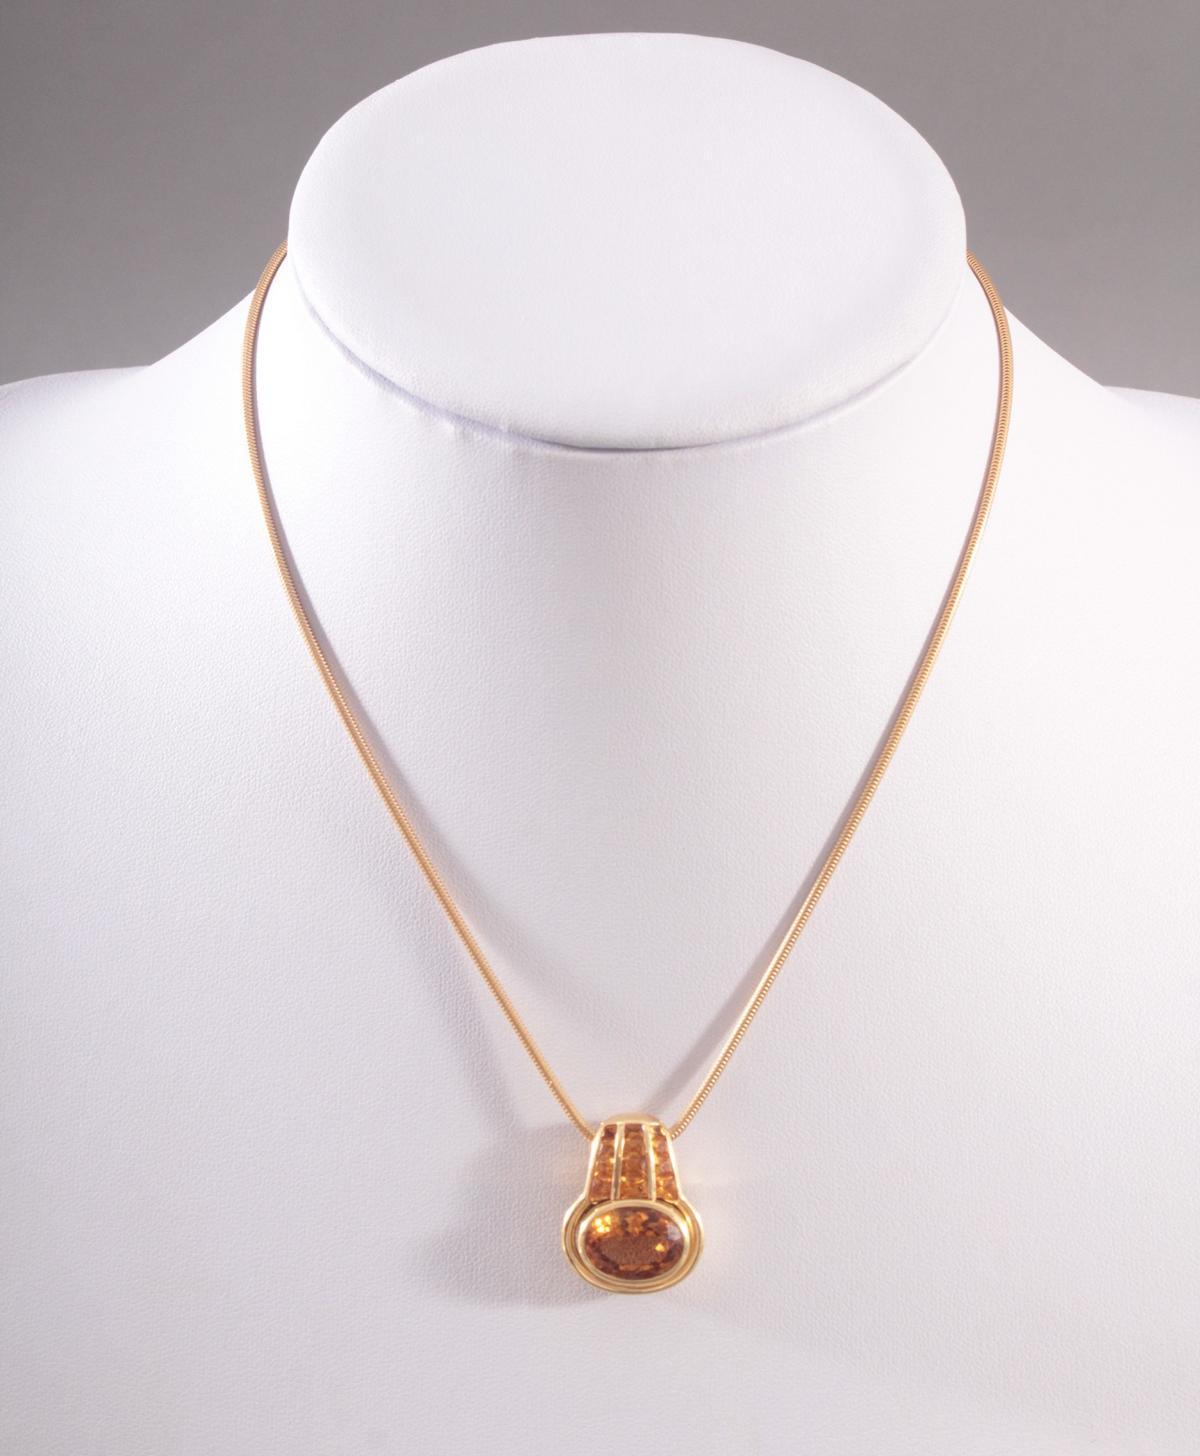 Halskette mit Citrinanhänger aus 18 Karat Gelbgold